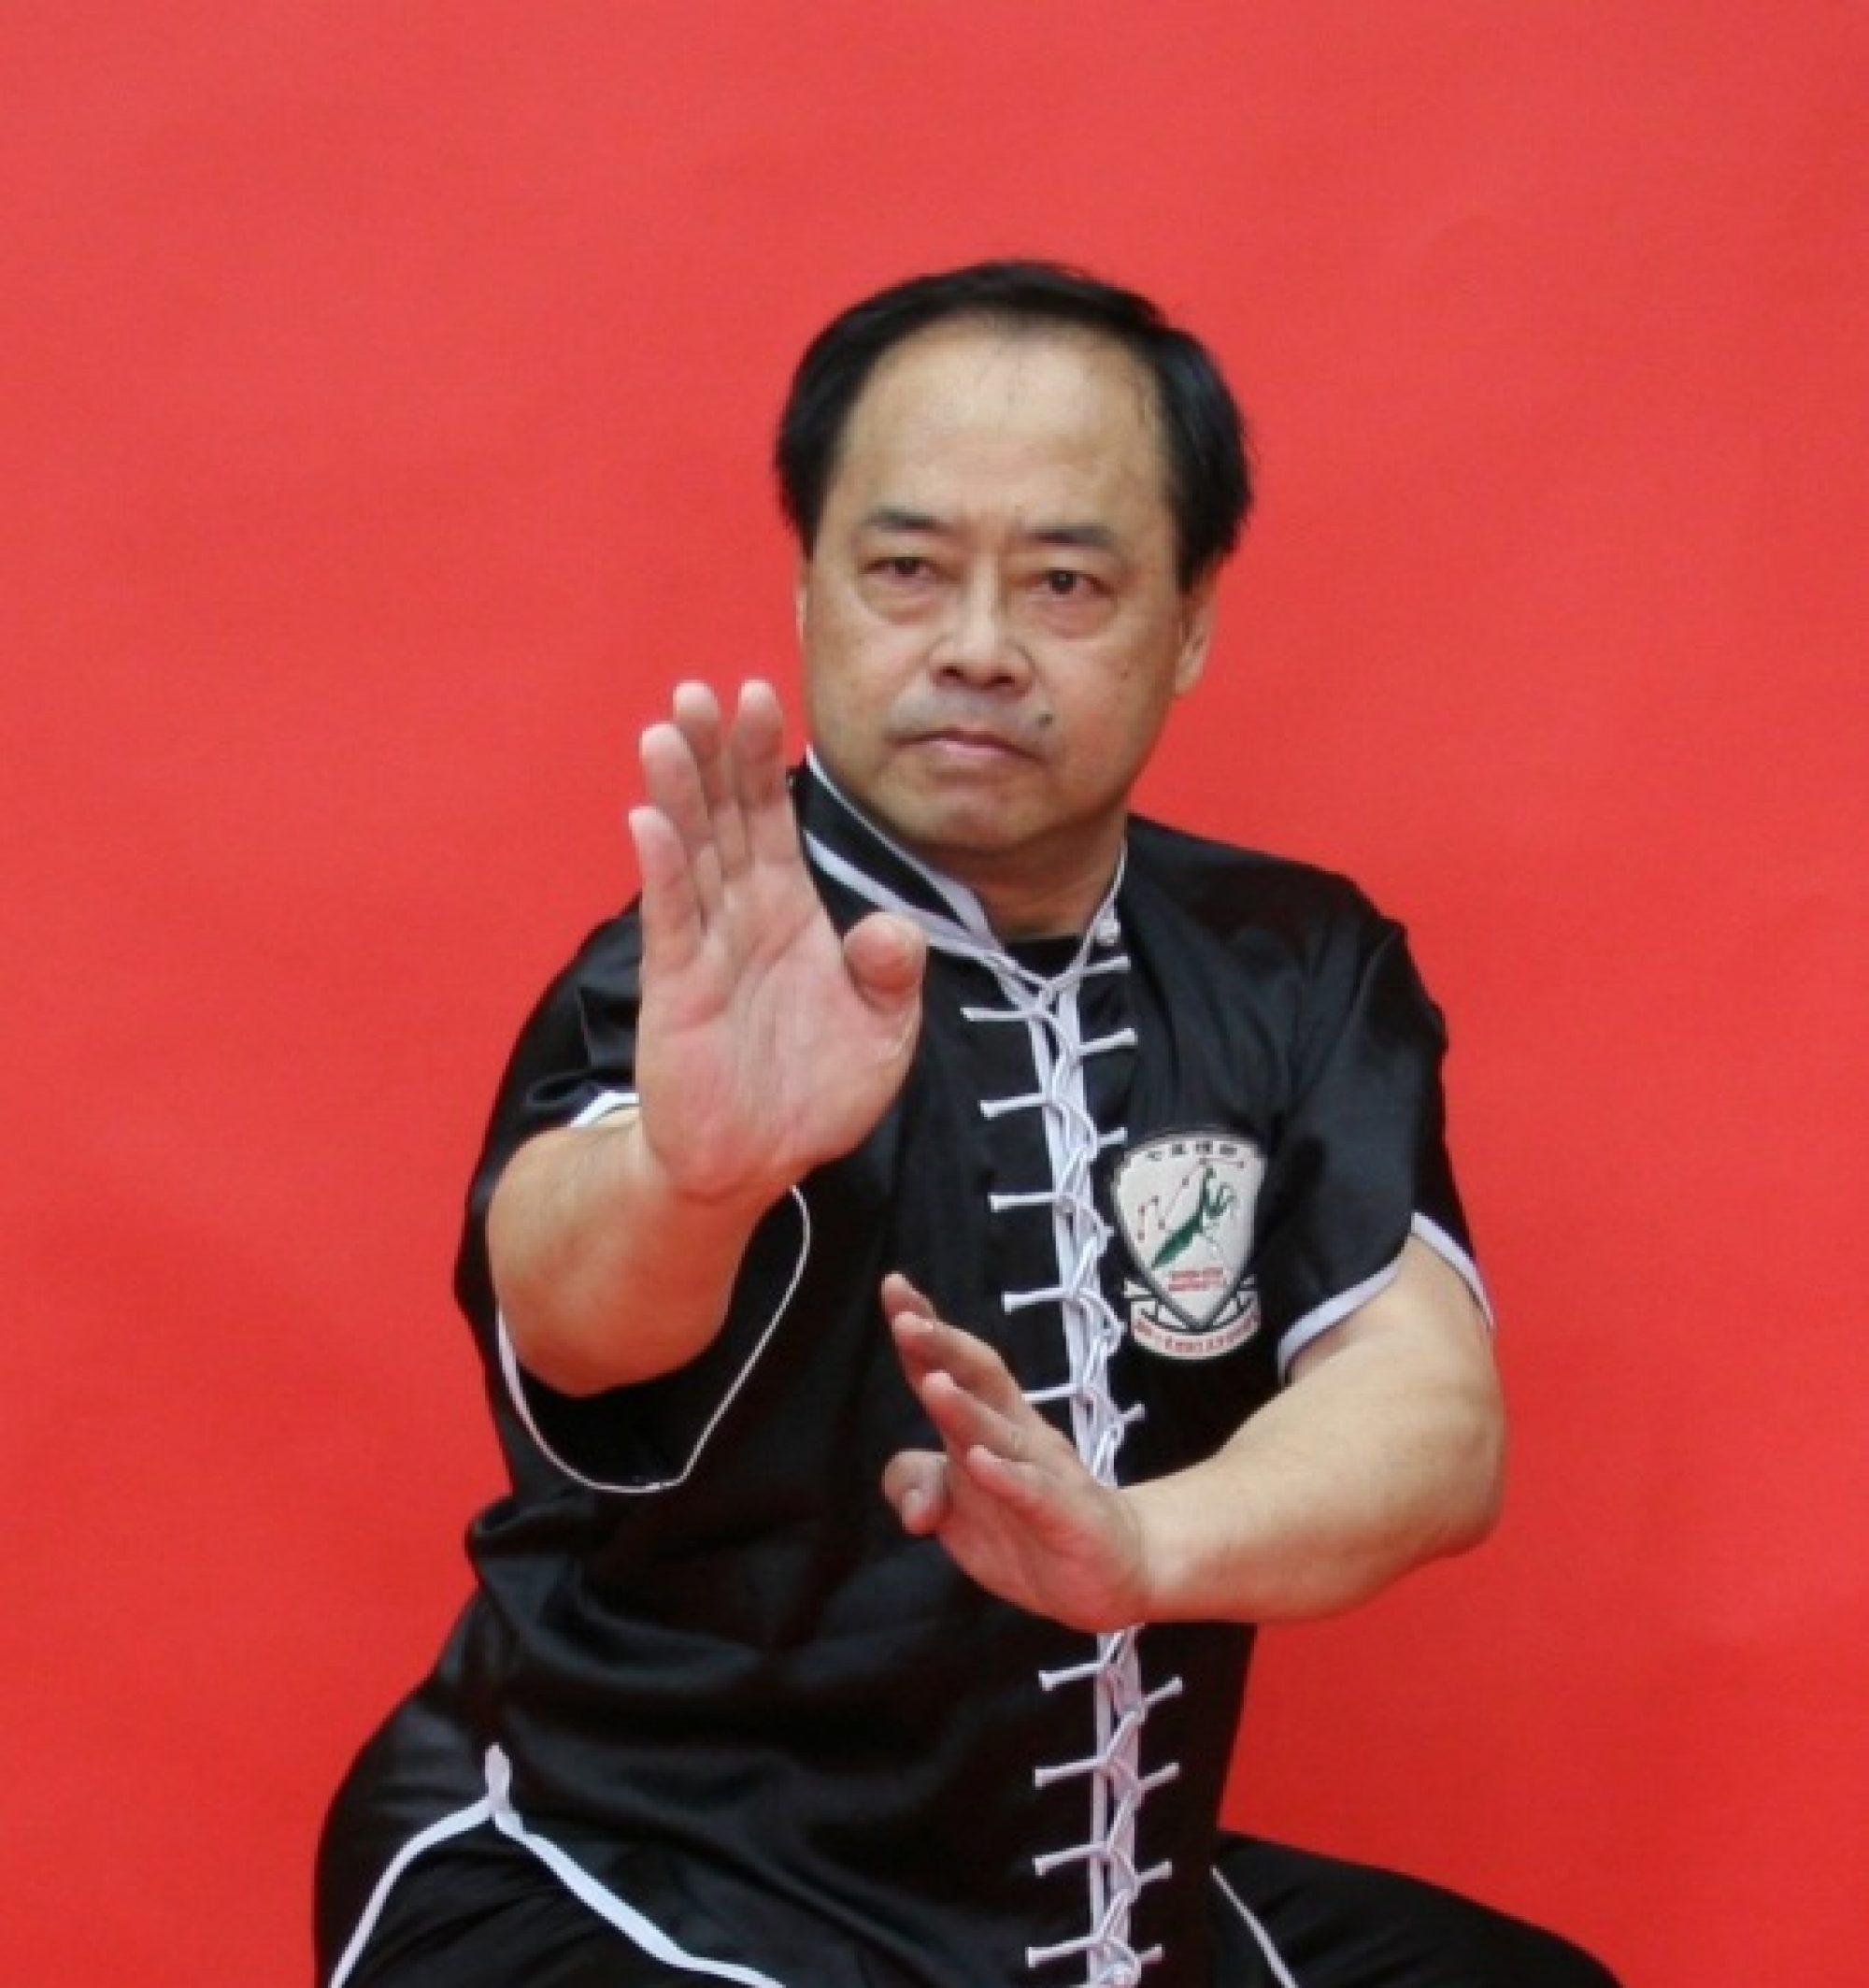 Grandmaster Lee Kam Wing